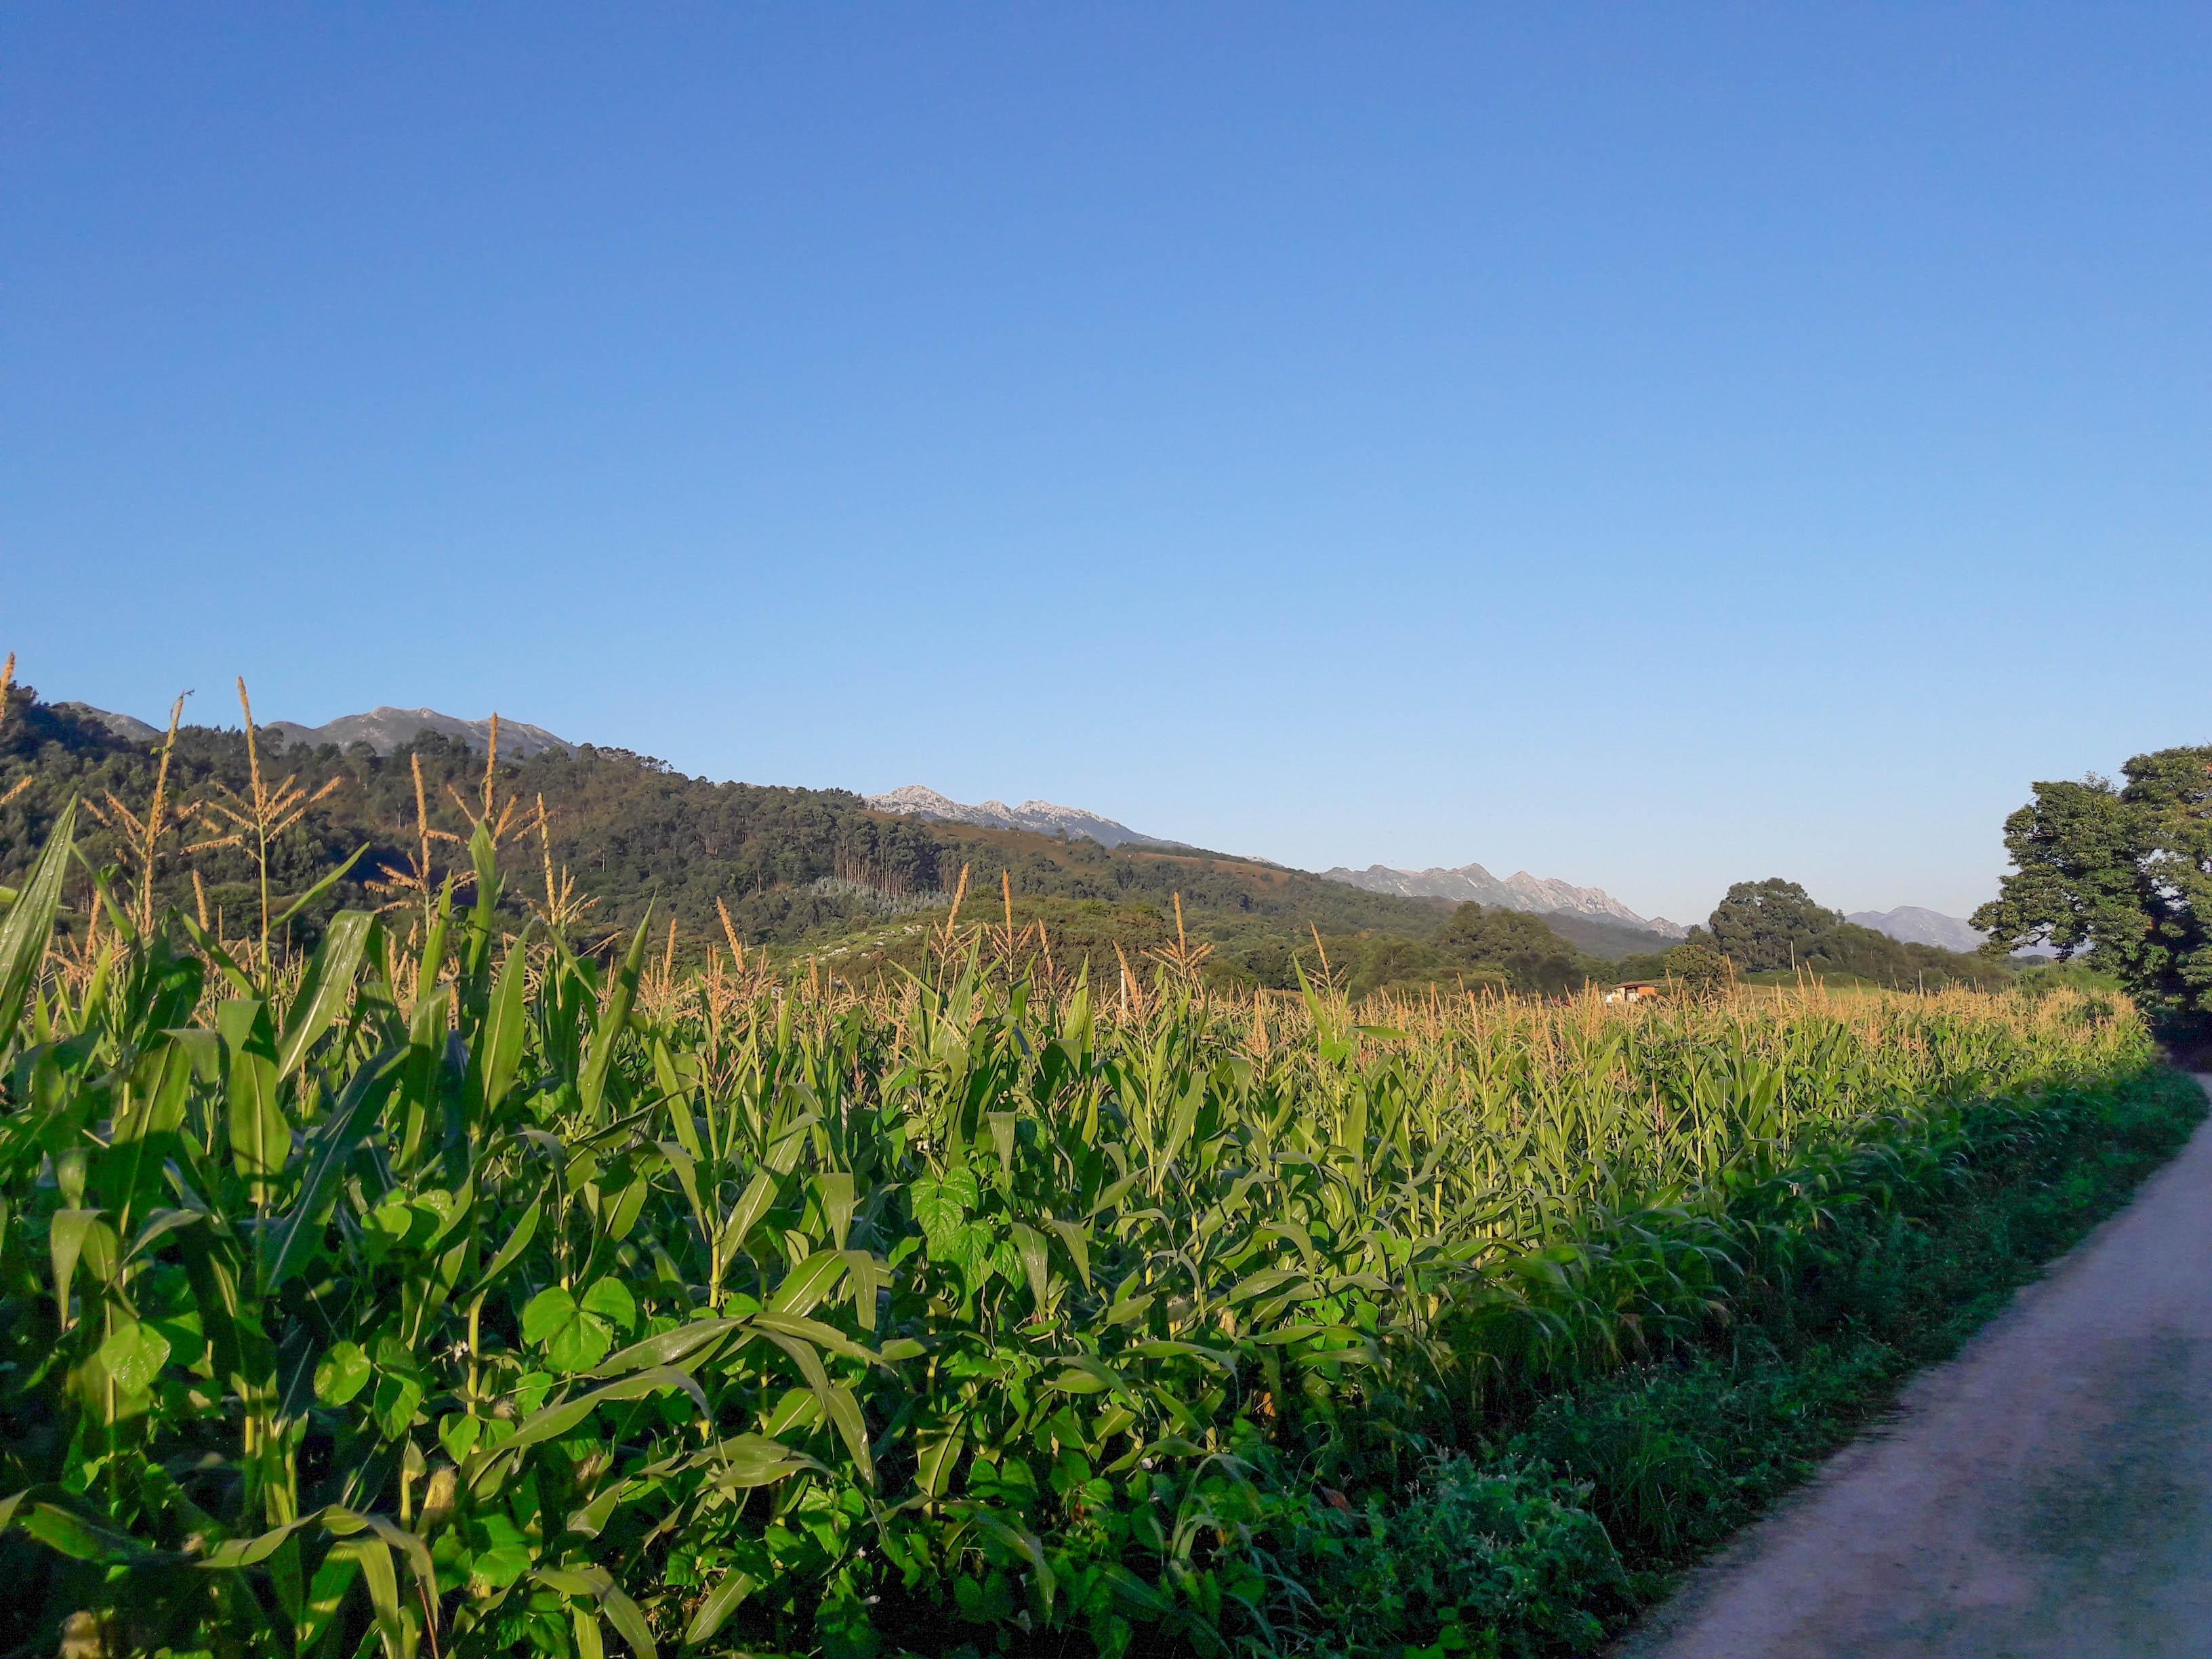 Asturian landscape